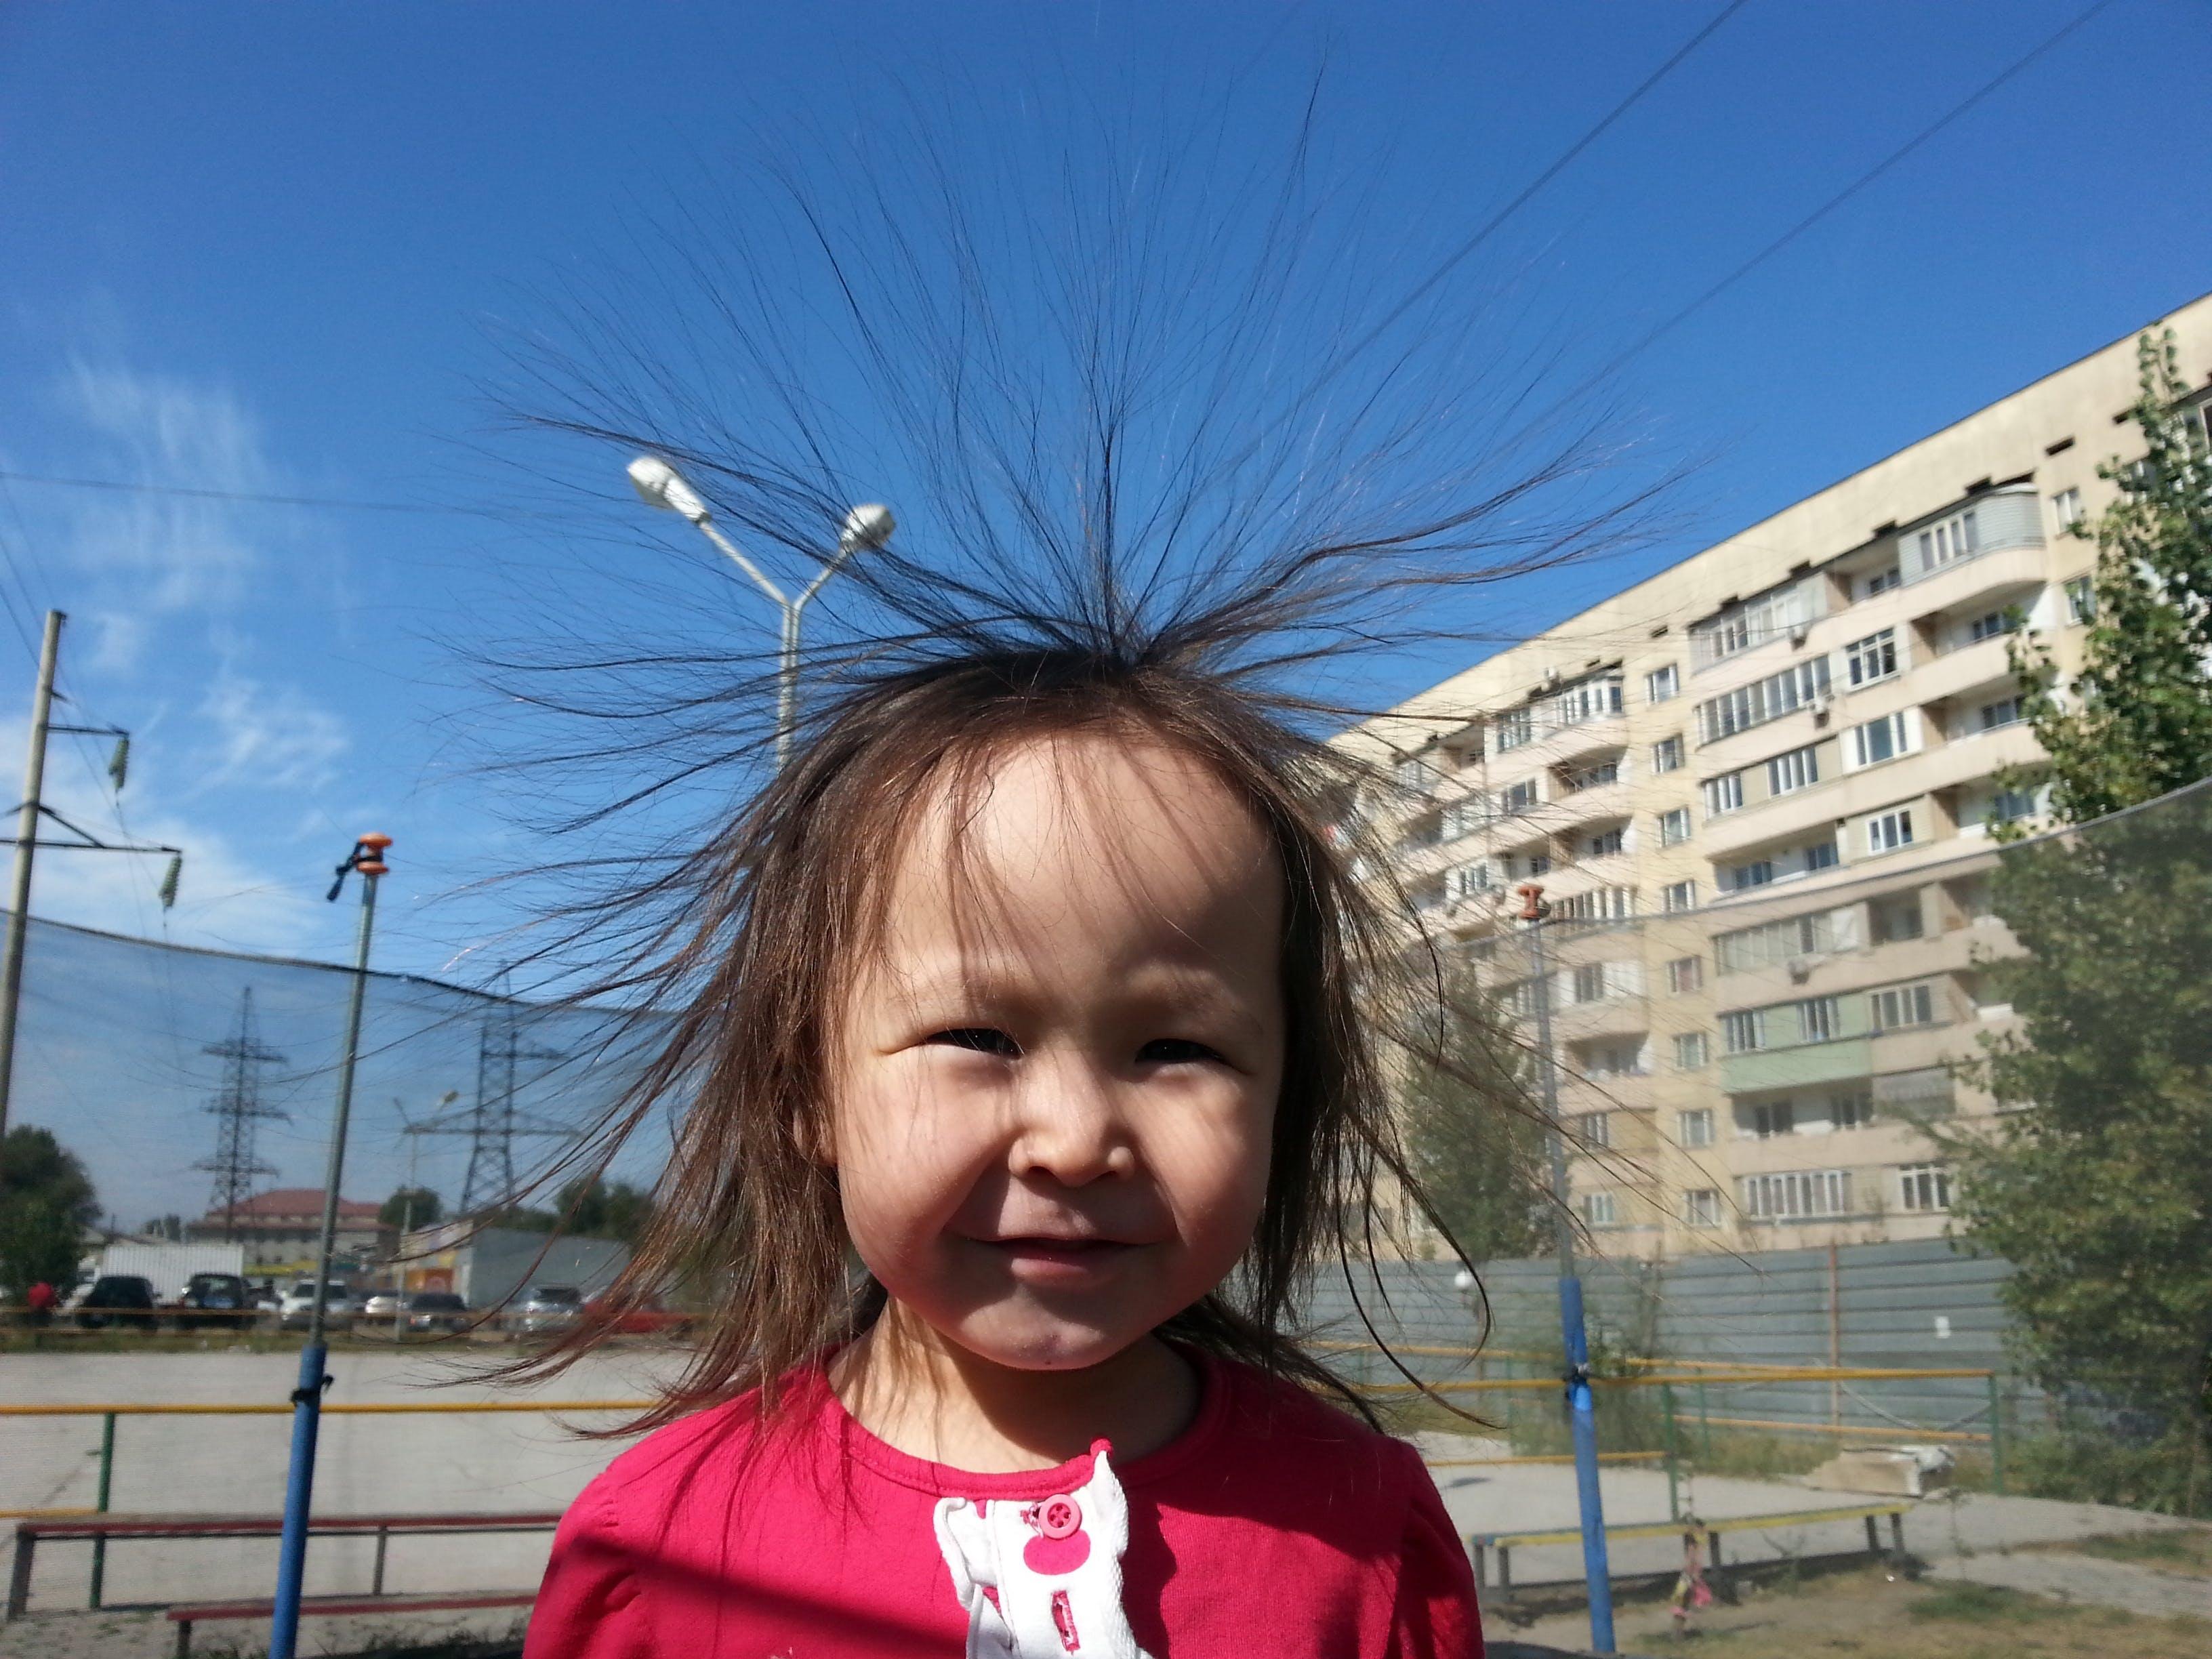 Statisk elektricitet - varför blir mitt hår elektriskt